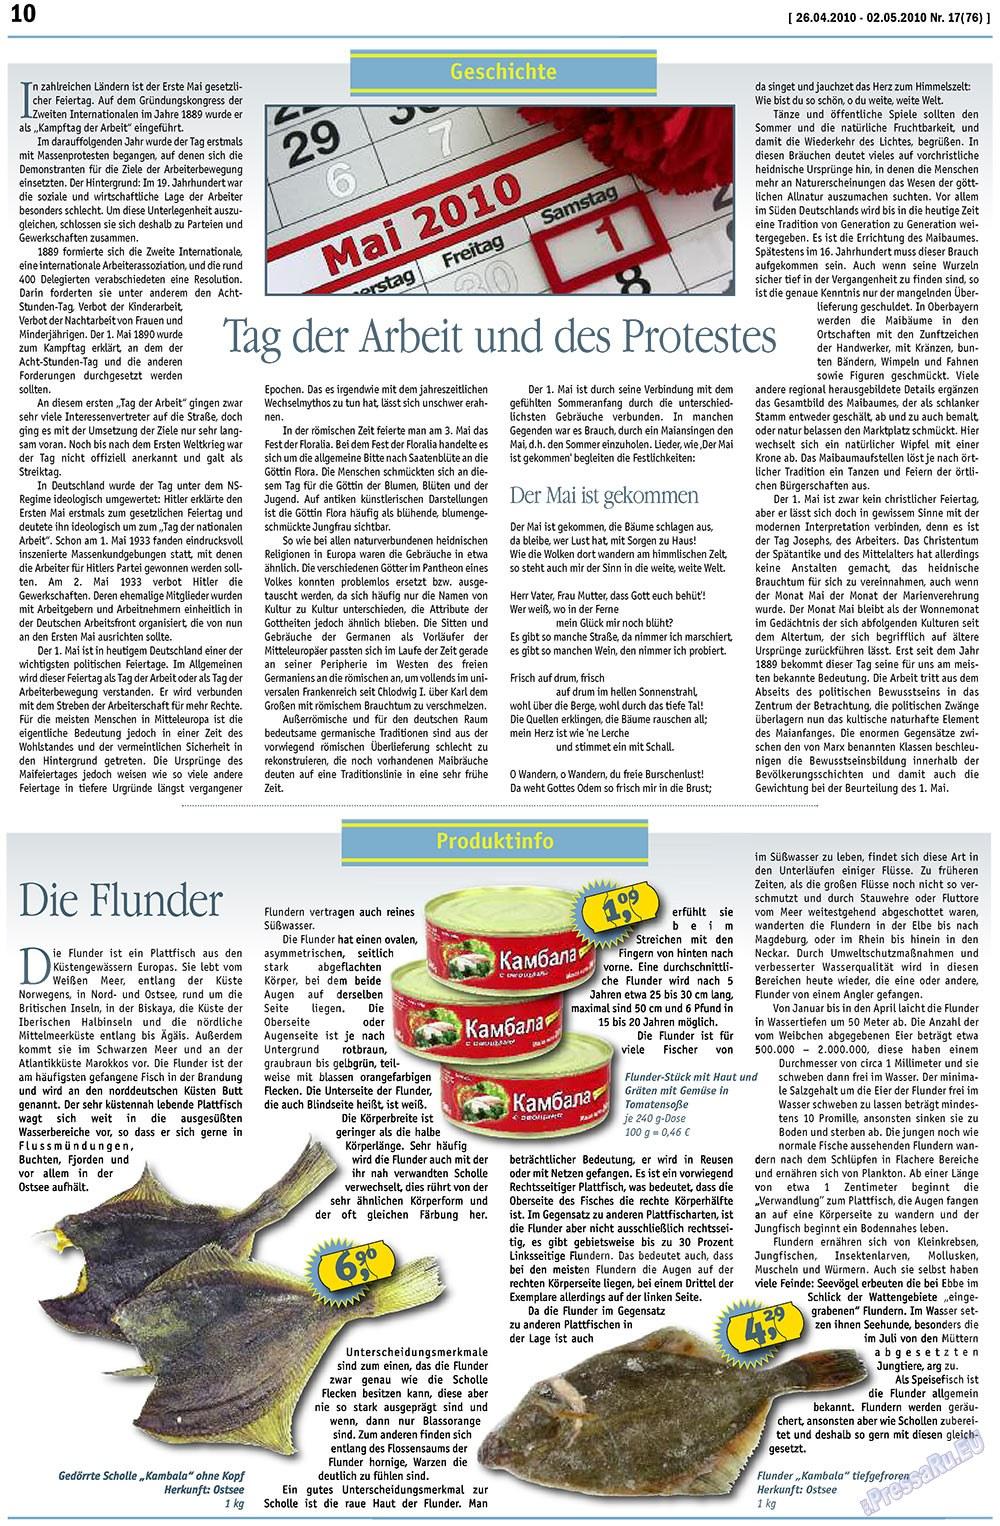 MIX-Markt Zeitung (газета). 2010 год, номер 17, стр. 10